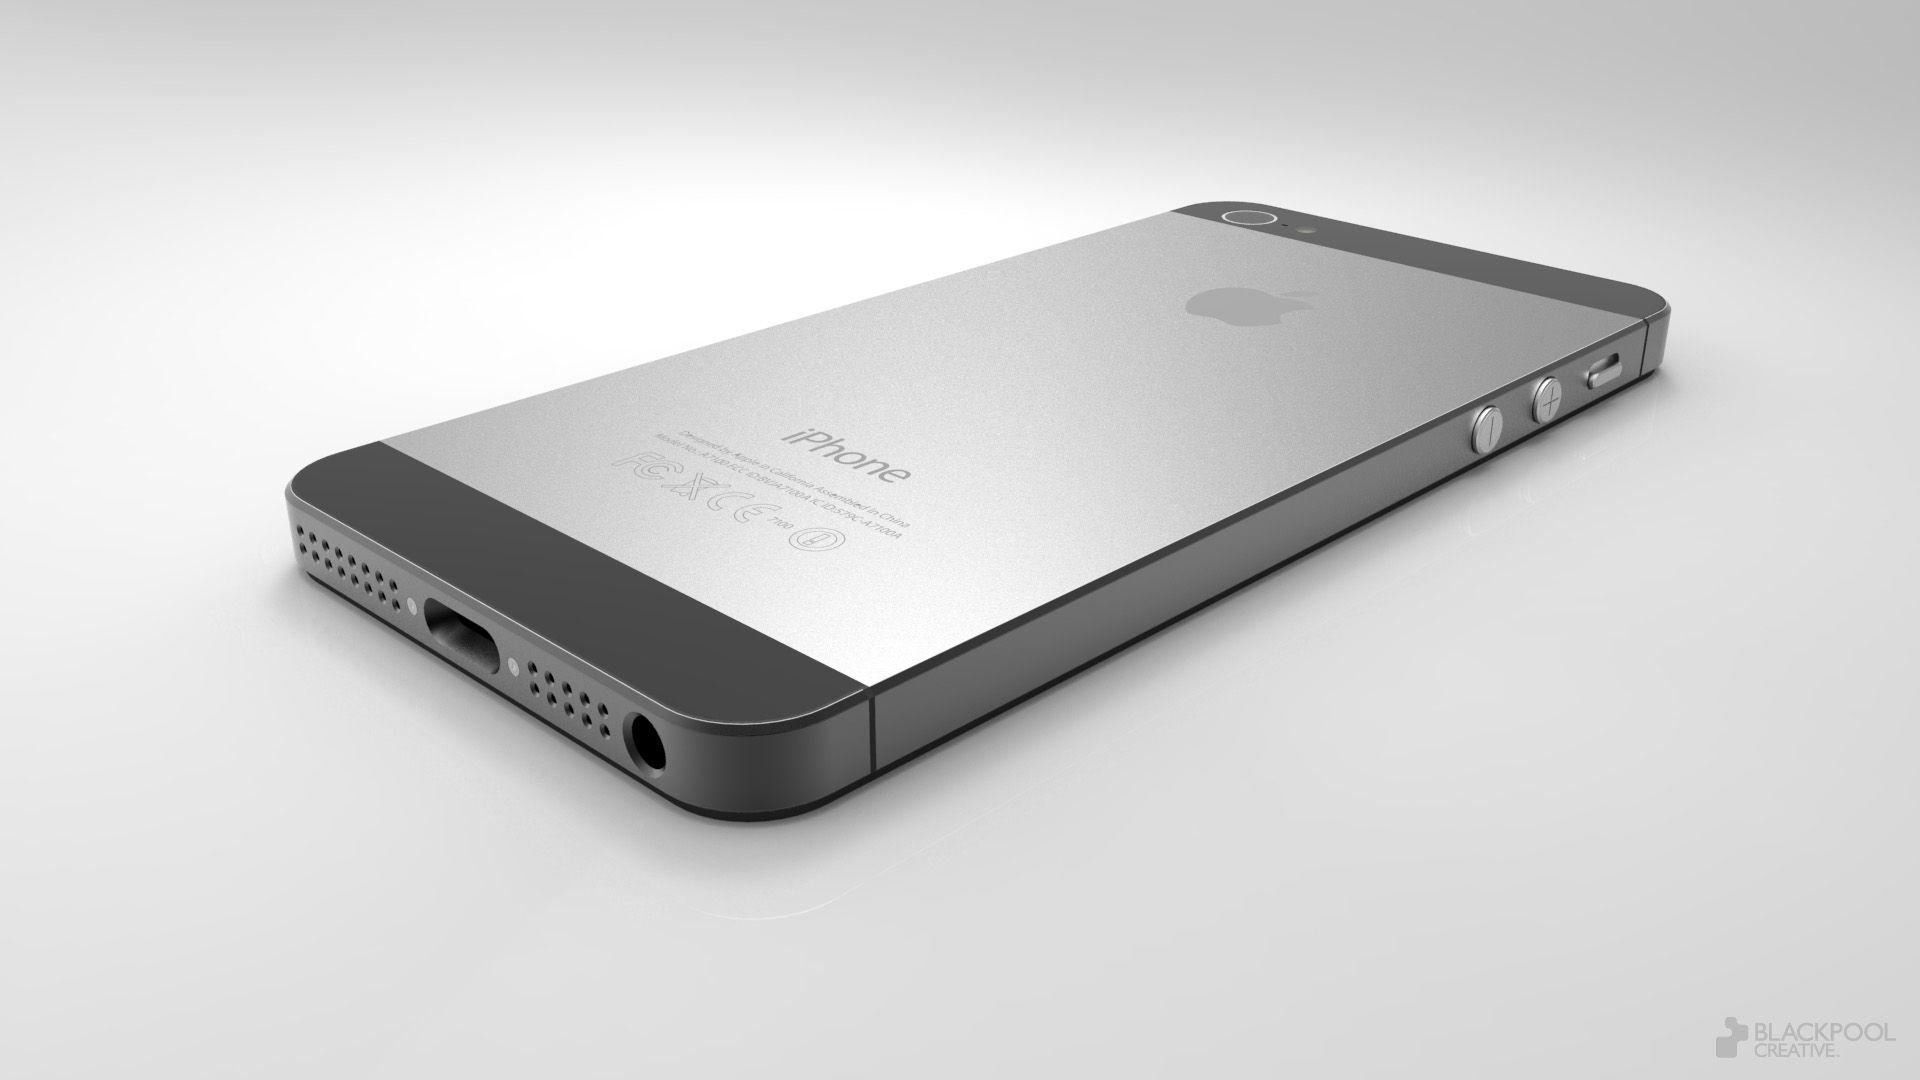 Les premières rumeurs sur l'iPhone 6 inondent déjà le web.